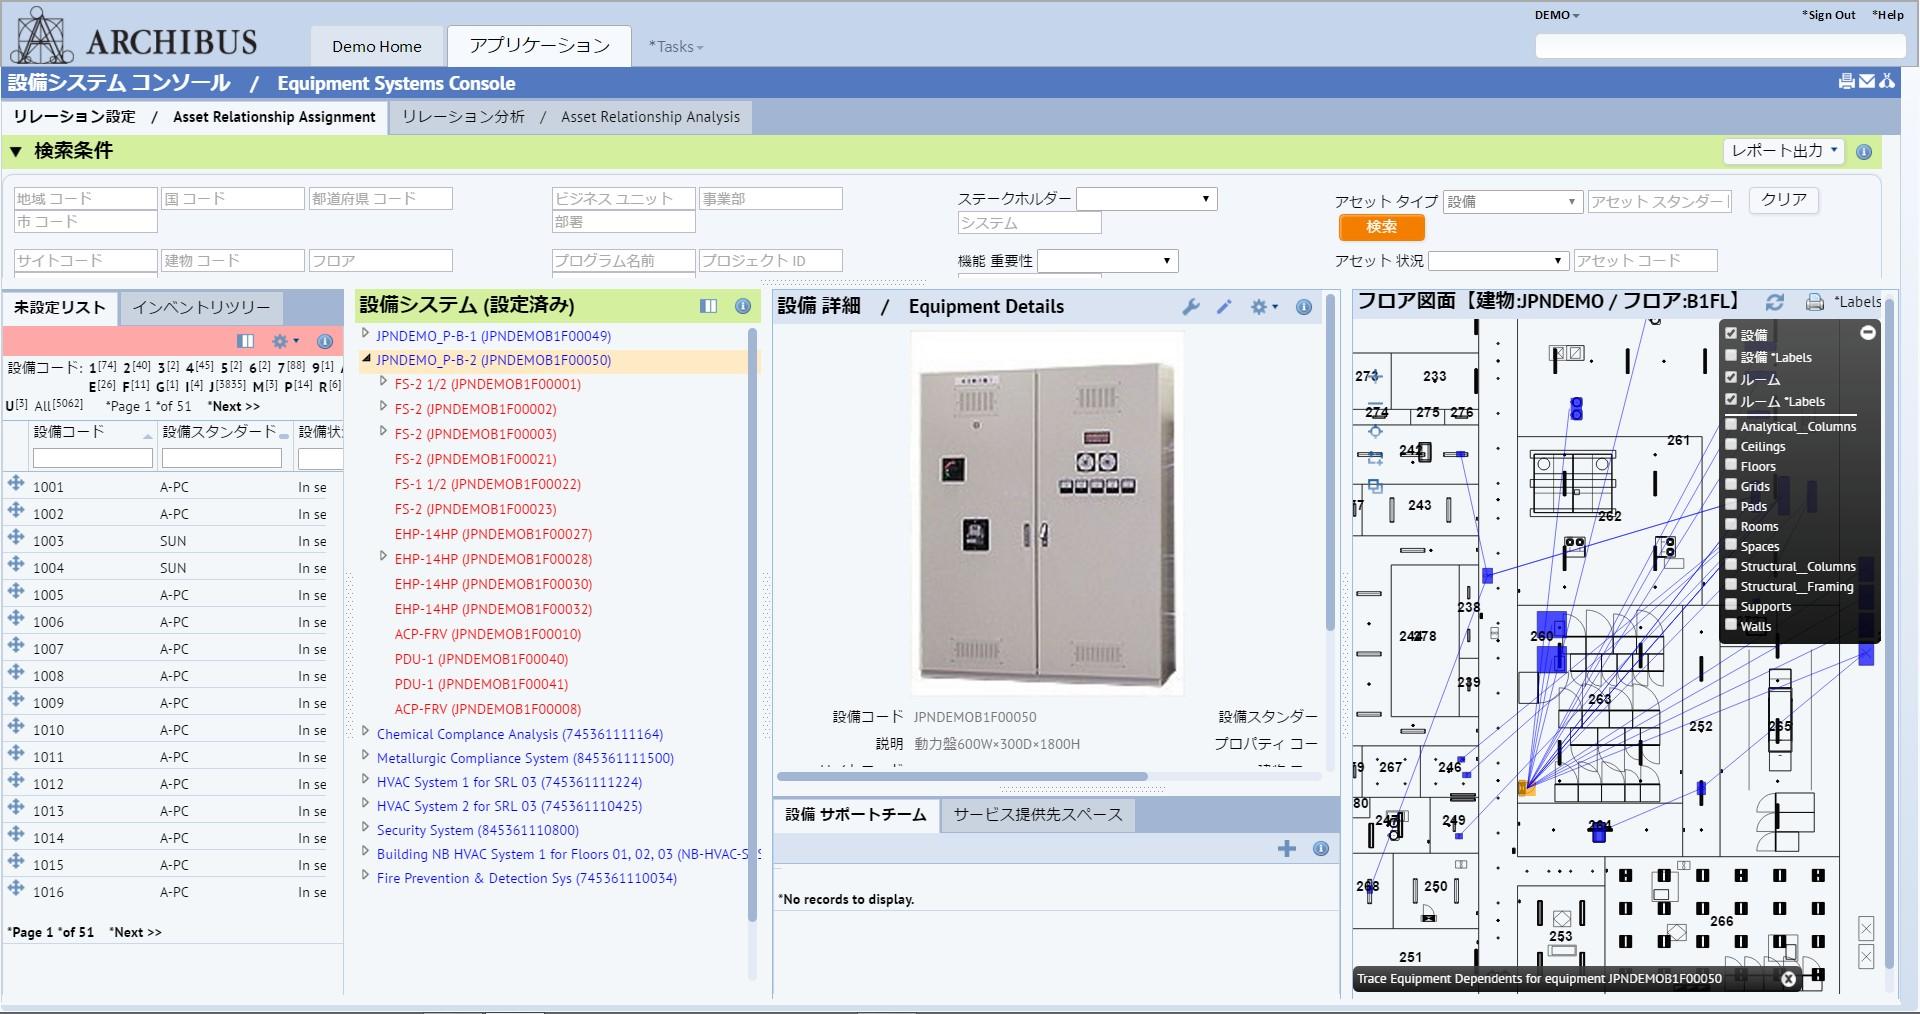 11_設備システムコンソール